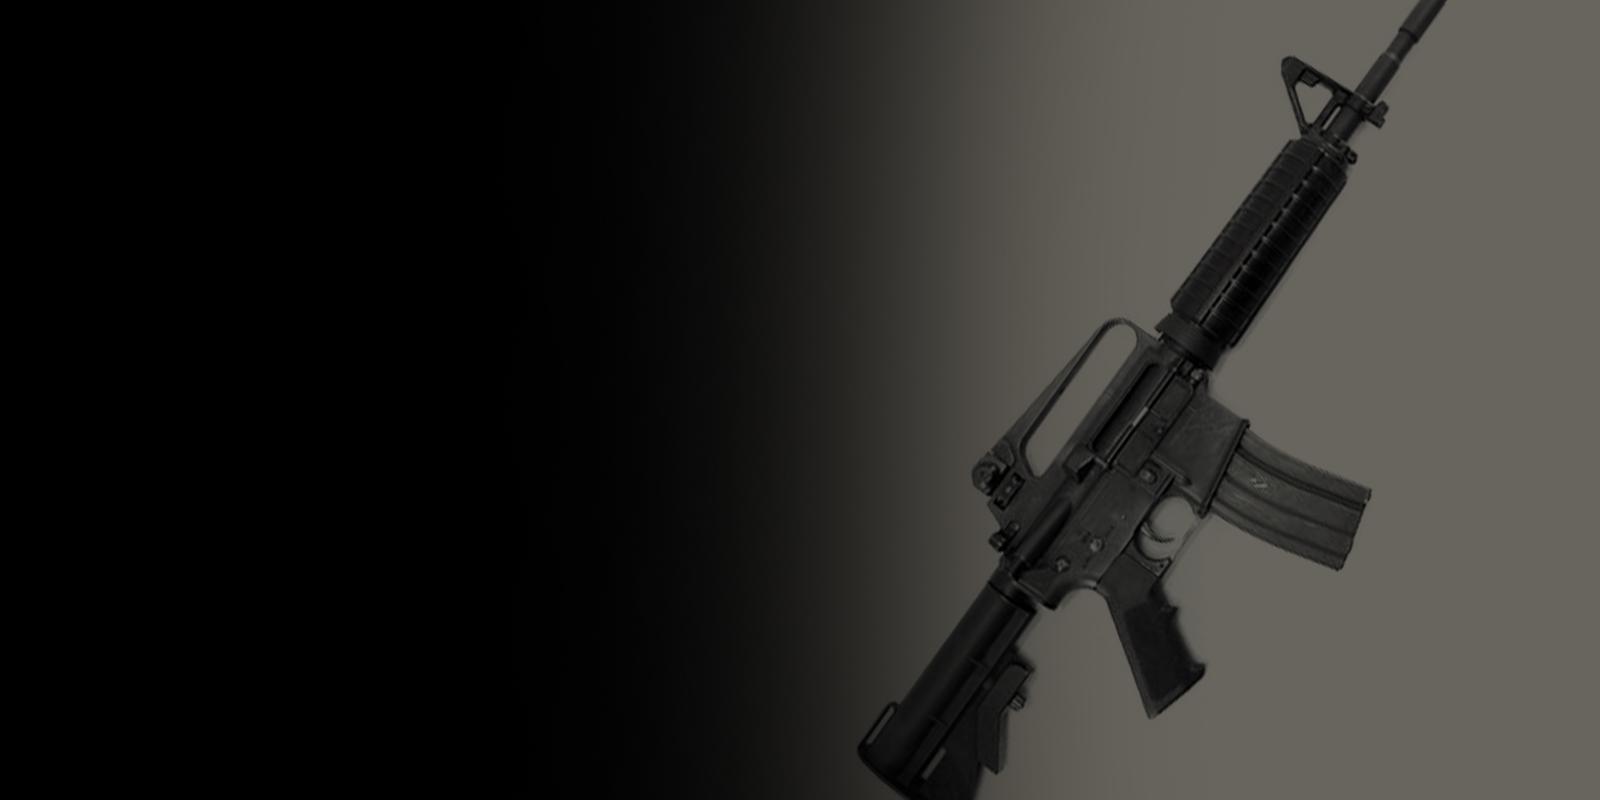 Le fusil